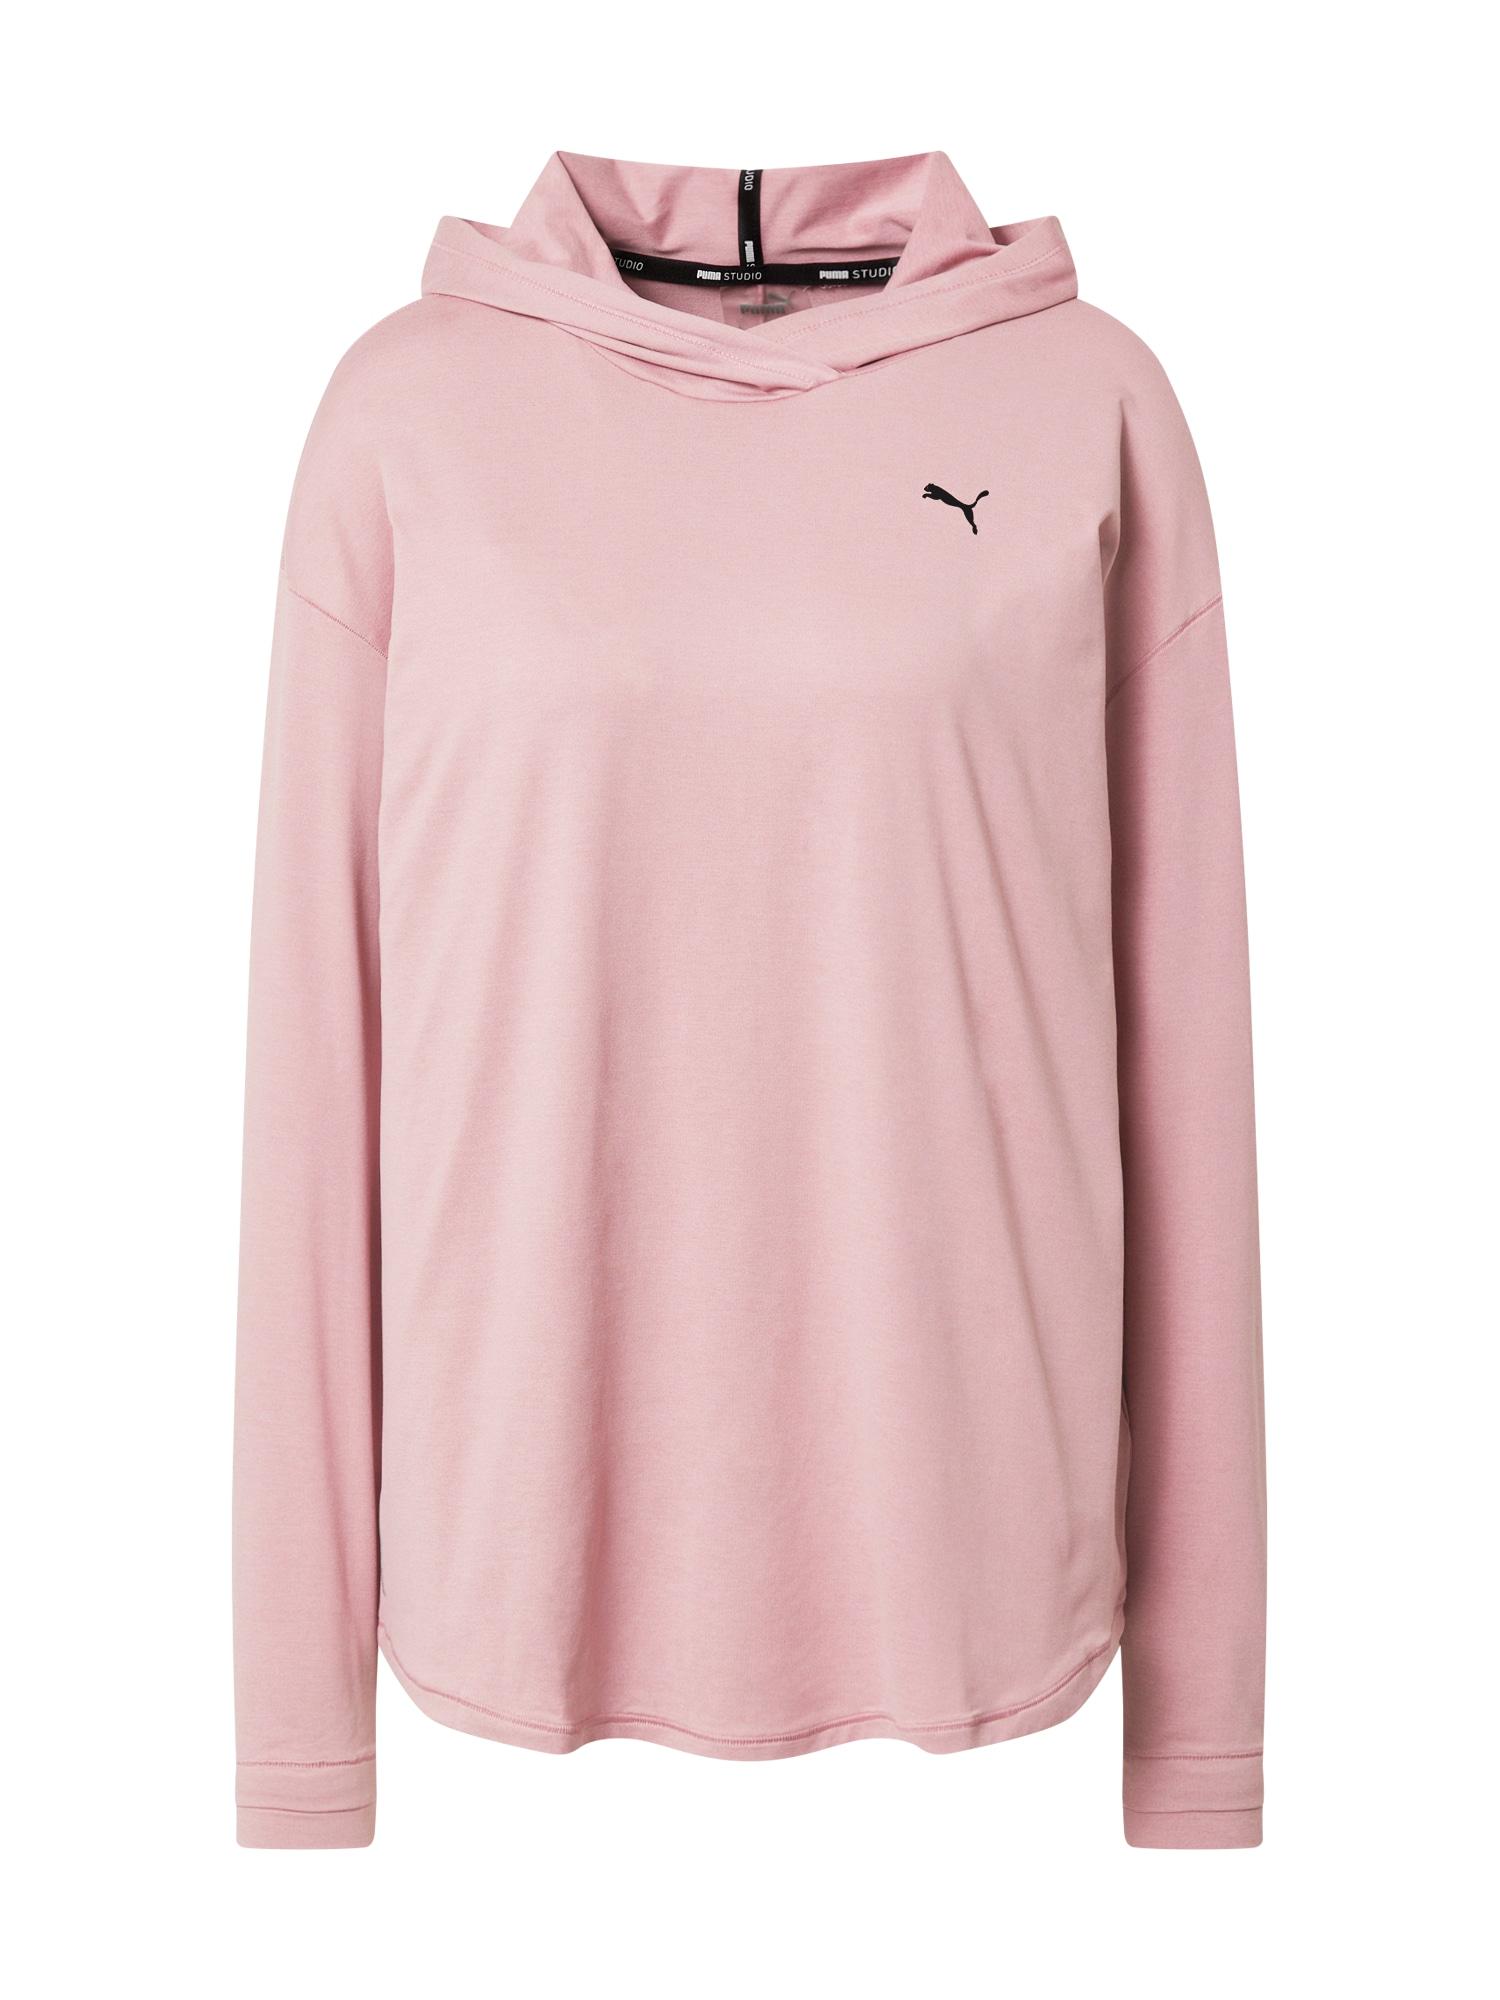 PUMA Sportinio tipo megztinis ryškiai rožinė spalva